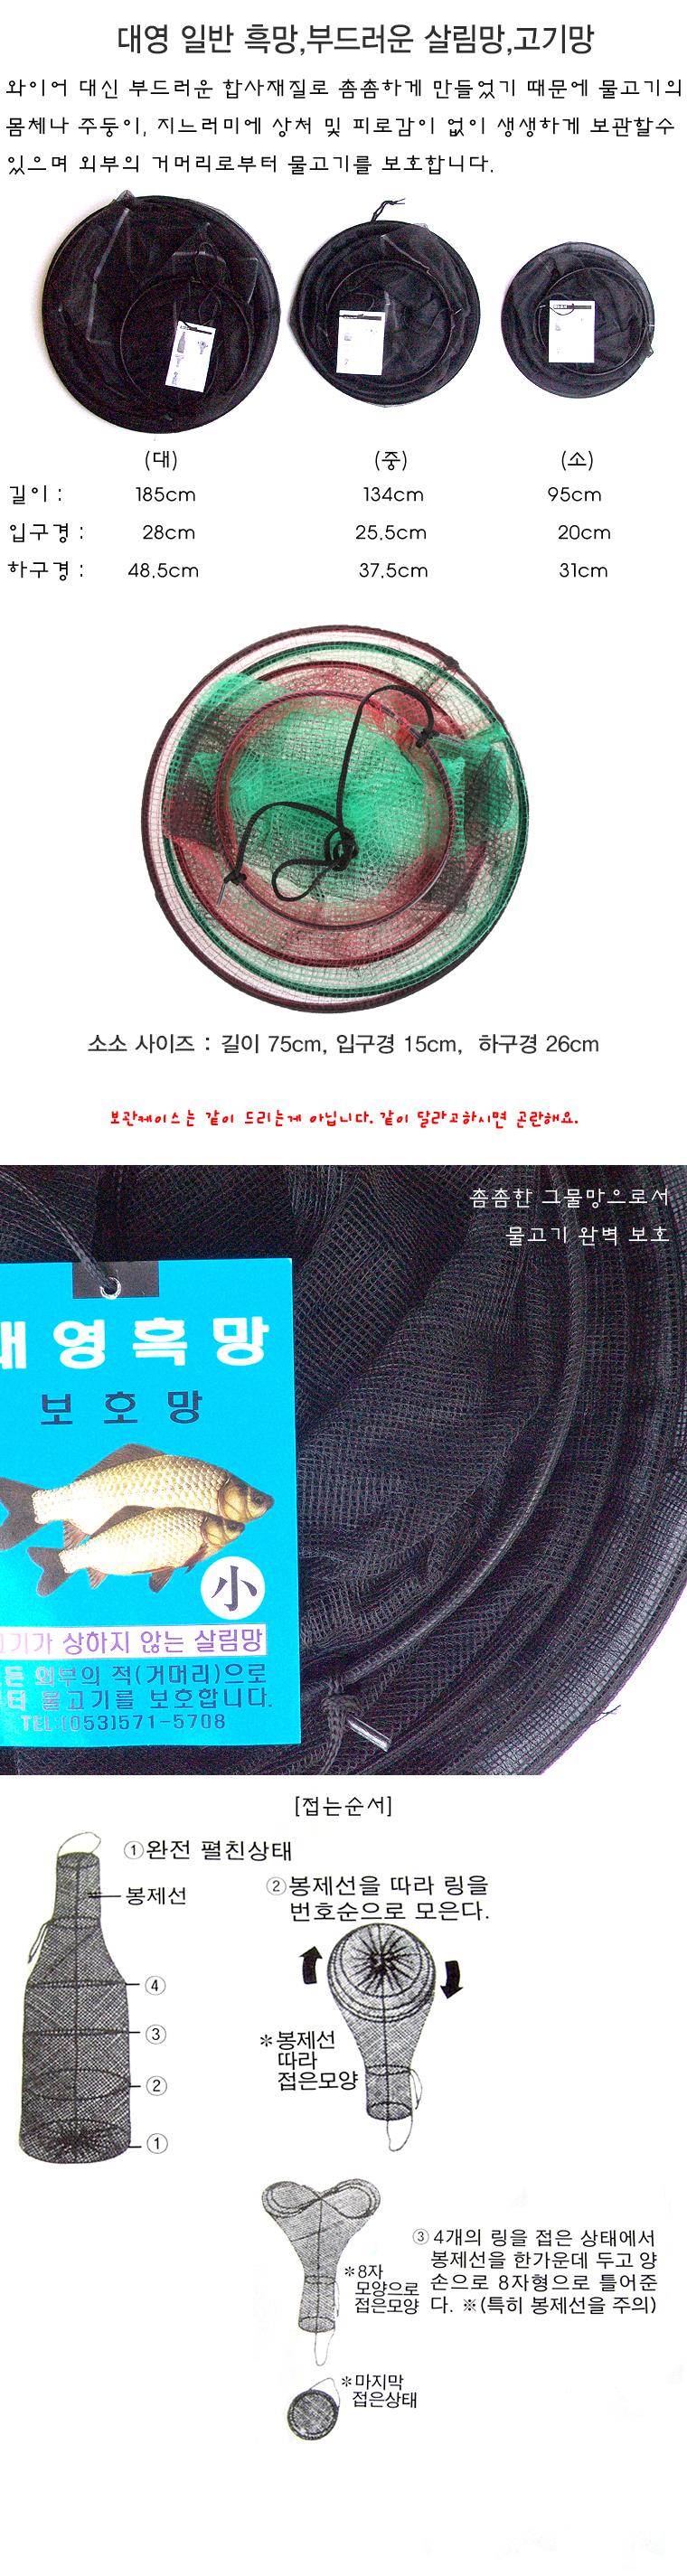 대영 일반 흑망/부드러운 살림망/고기망